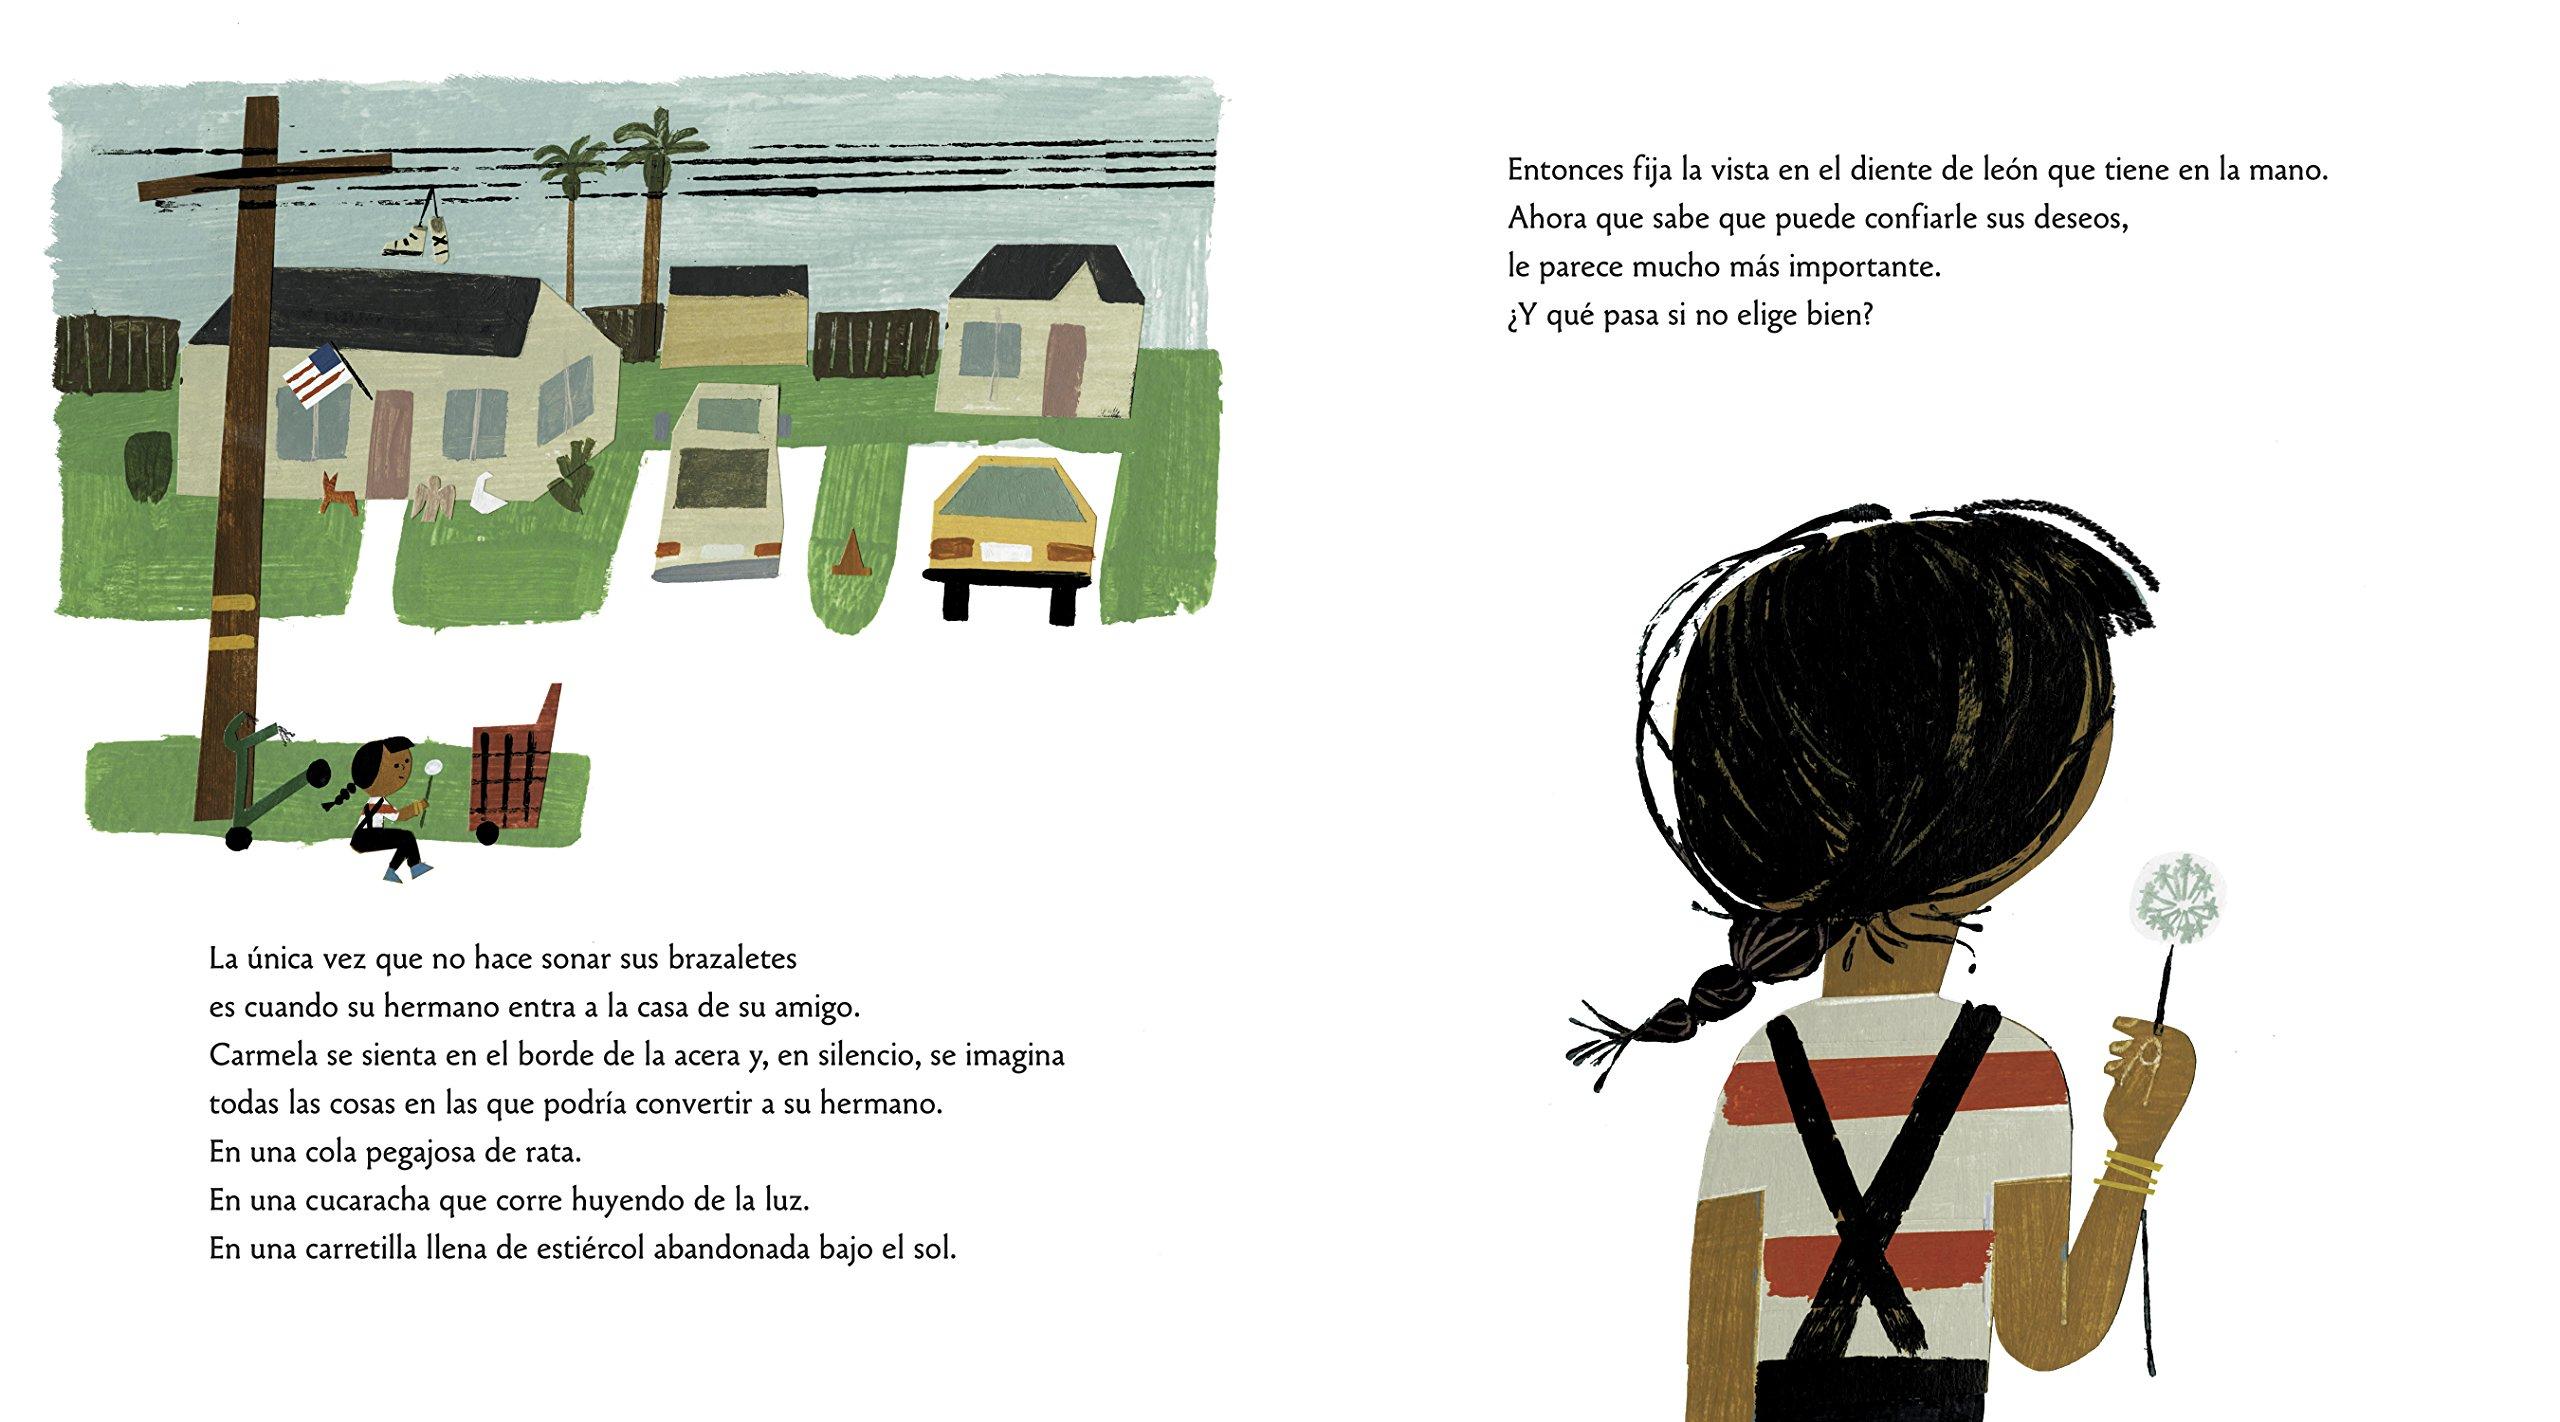 Los deseos de Carmela (Spanish Edition): Matt de la Peña, Christian Robinson: 9780525518709: Amazon.com: Books